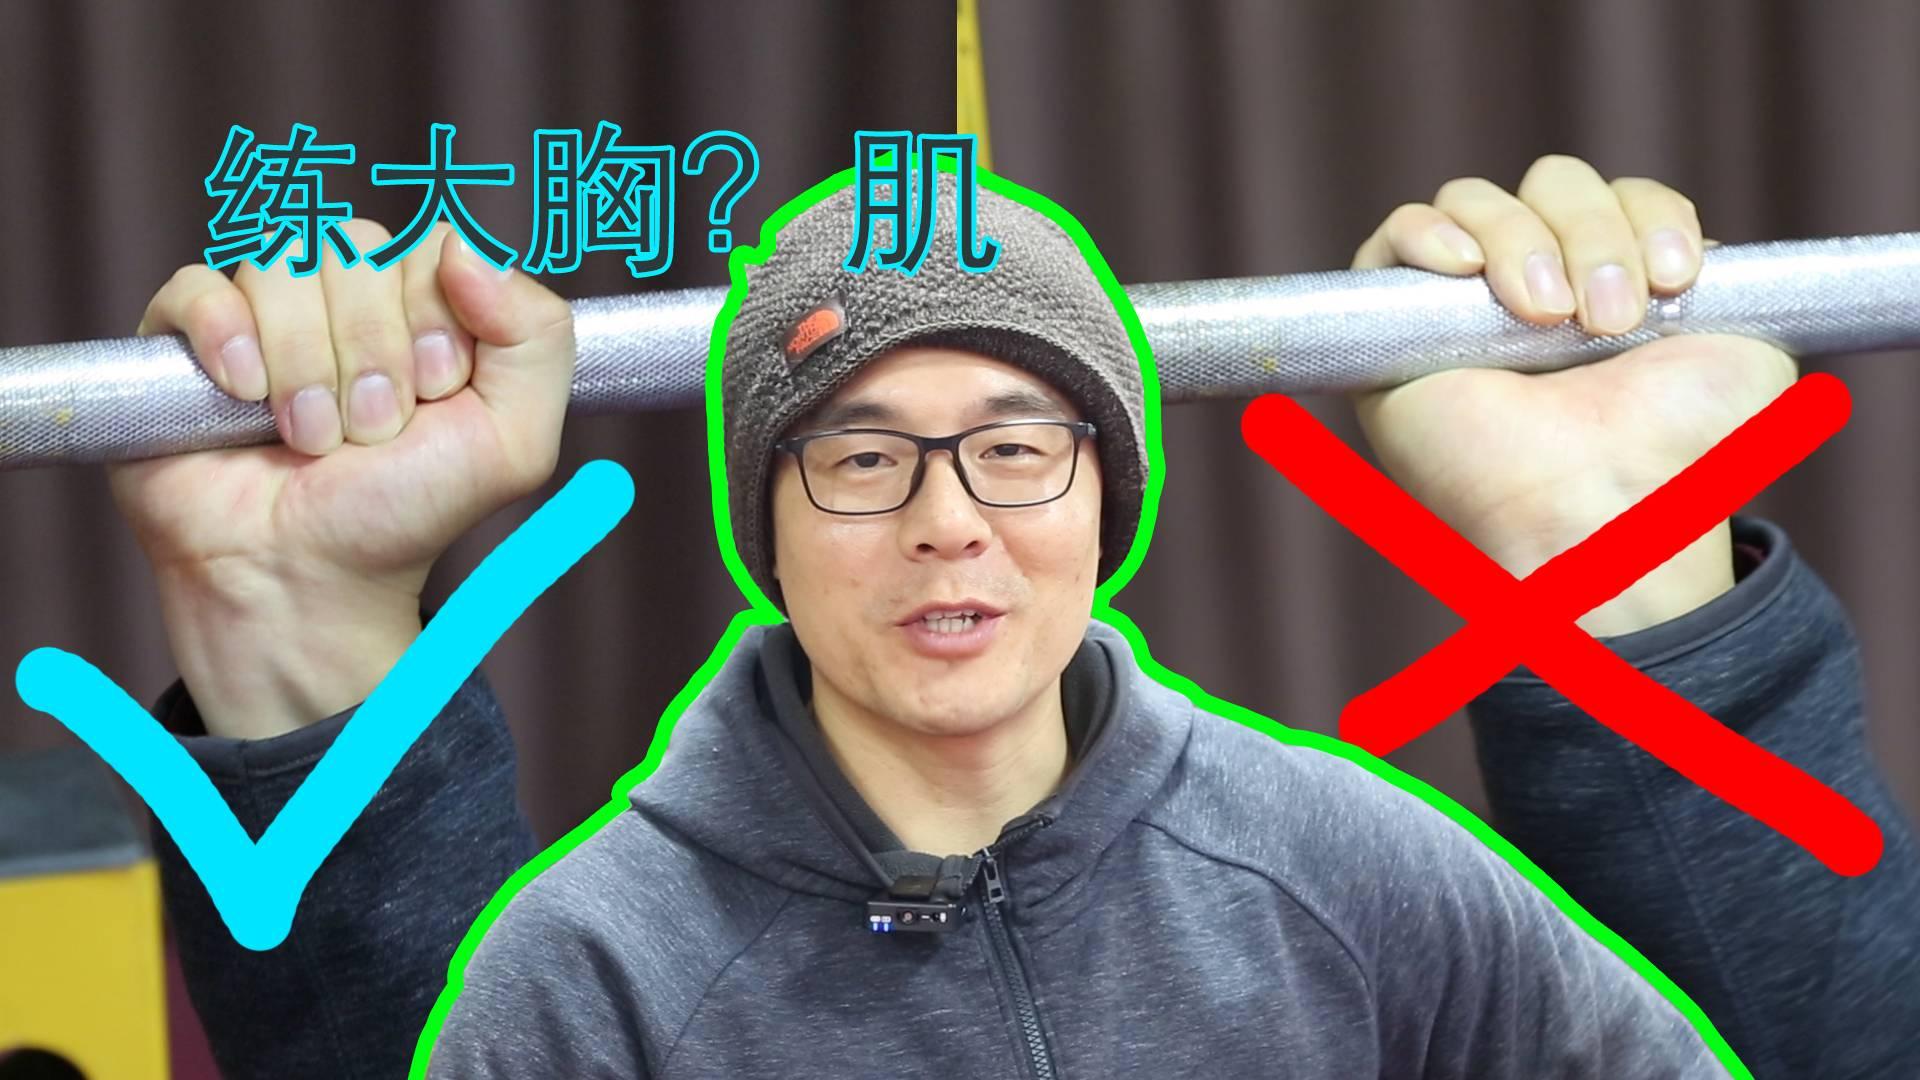 【杠精速成】杠铃训练第一期【绝顶老陈】